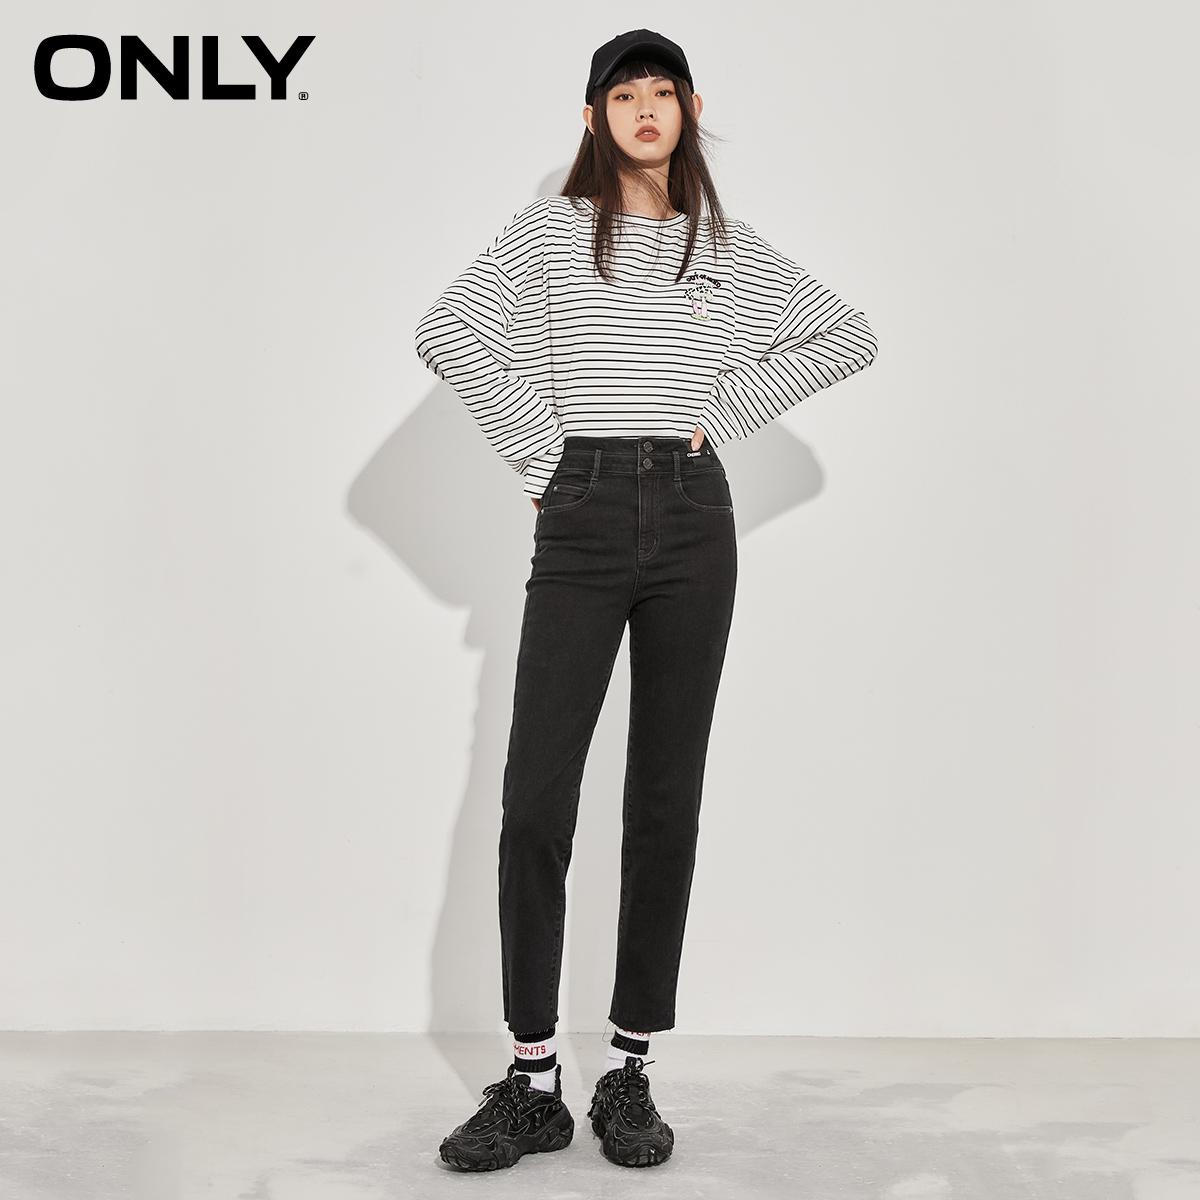 【双11预售】ONLY2021冬季新款暖燚绒发热直筒牛仔裤女|121449046